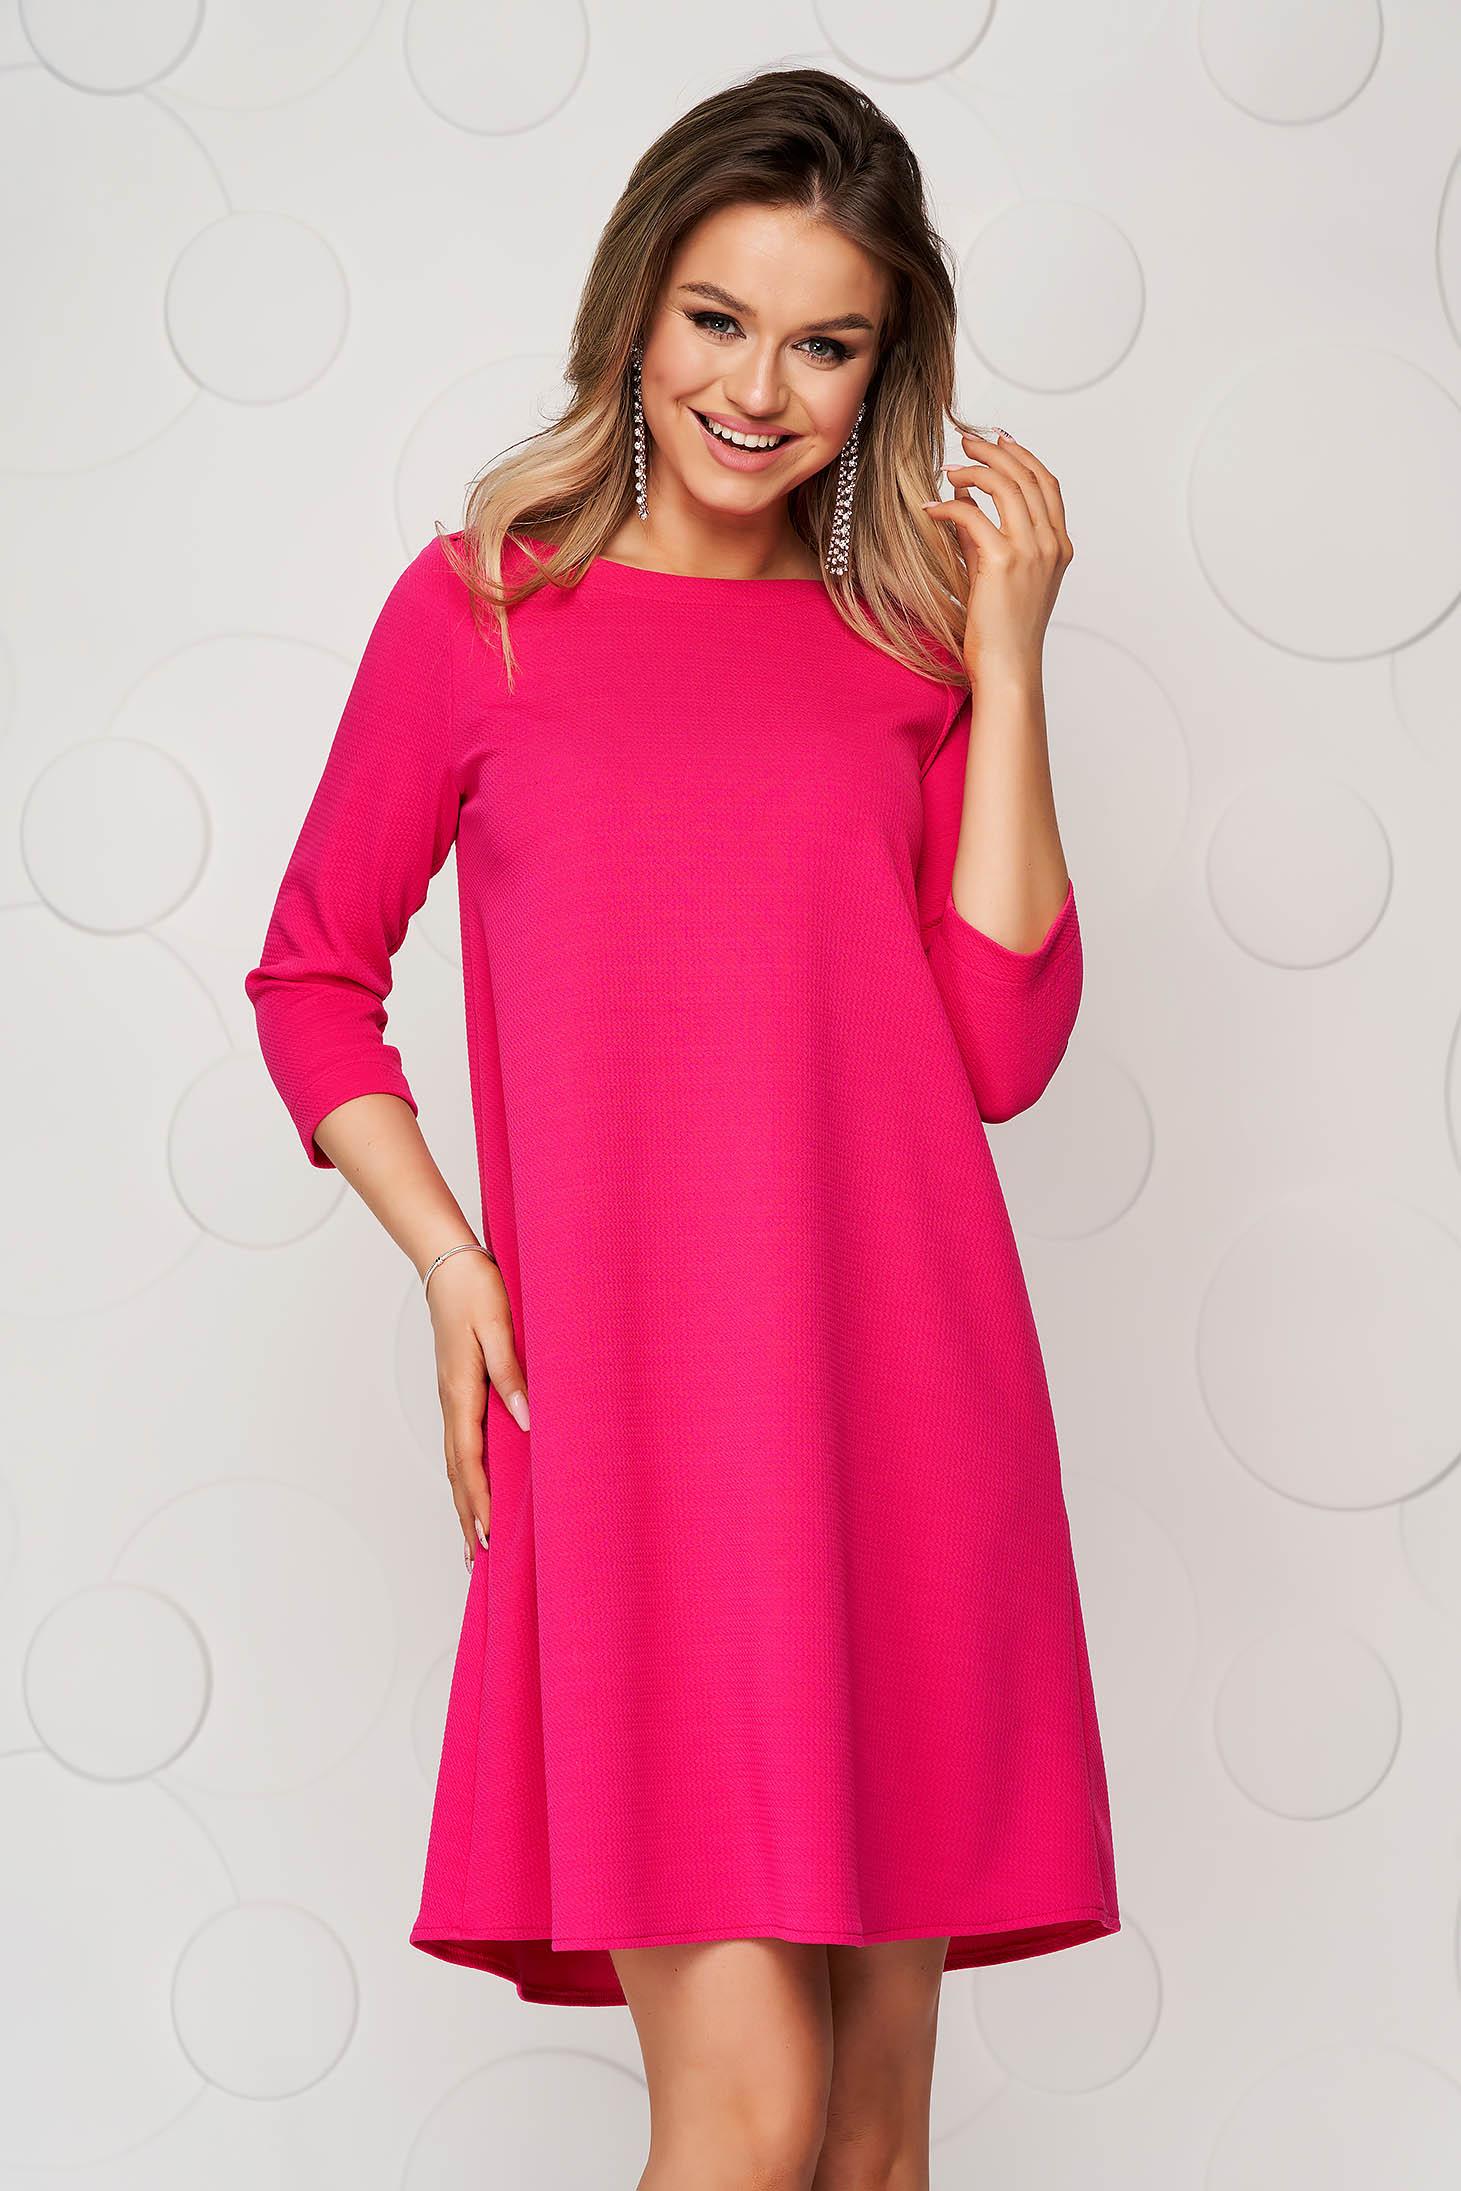 Rózsaszin bő szabású rövid StarShinerS ruha rugalmas anyagból